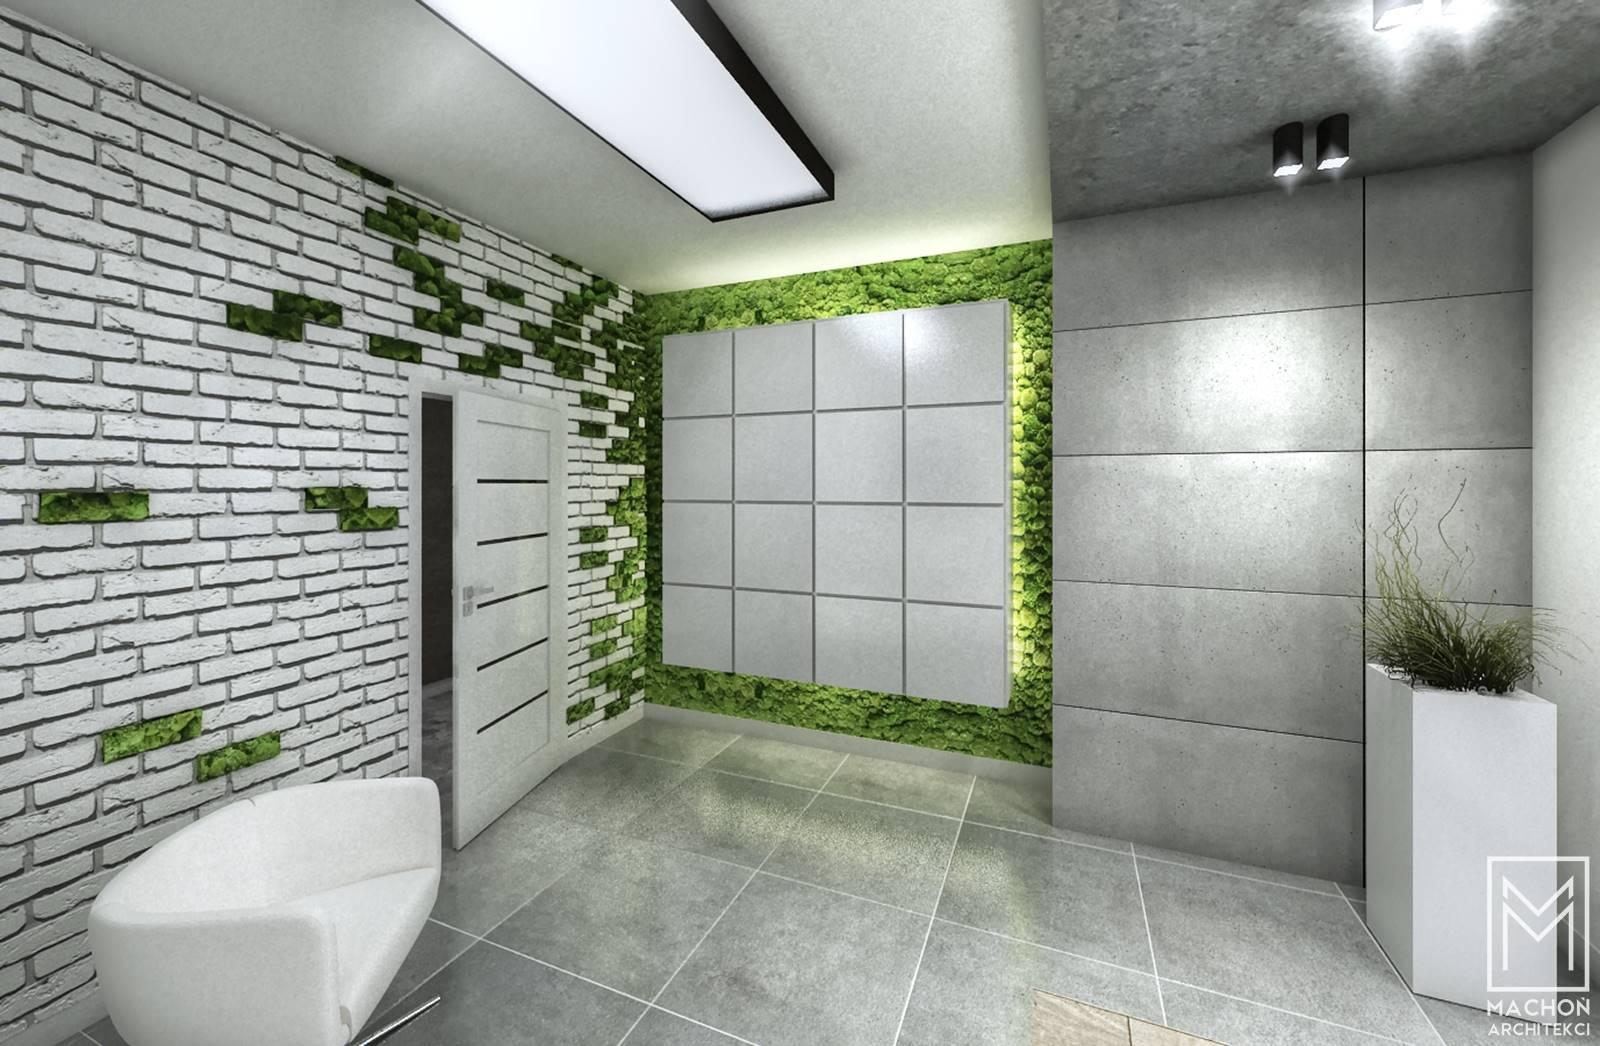 beton arhitektoniczny projekt wnętrza